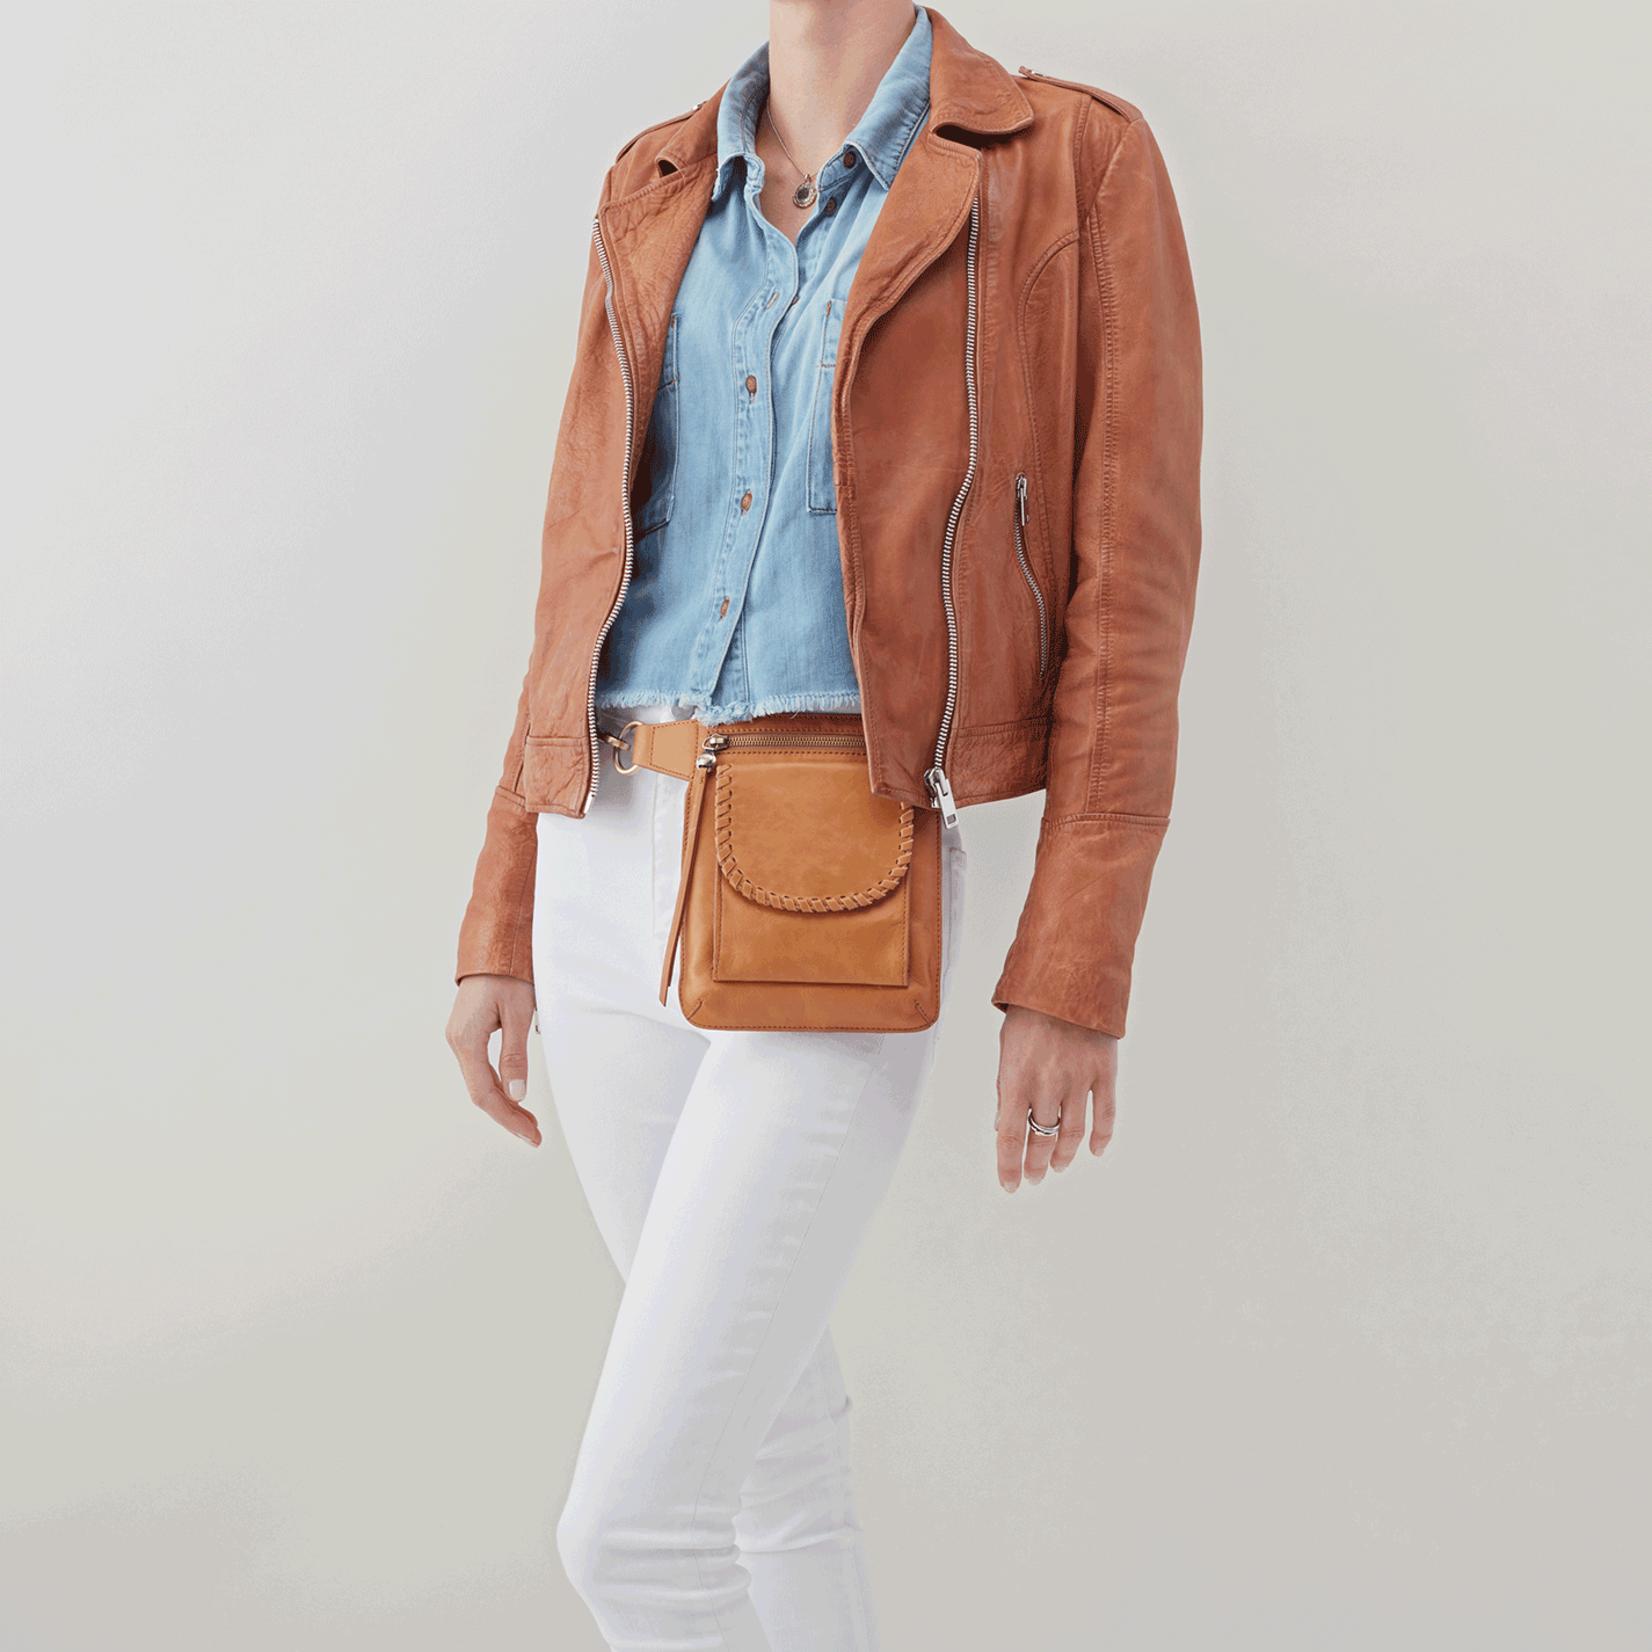 HOBO Romeo Honey Leather Crossbody/Belt Bag